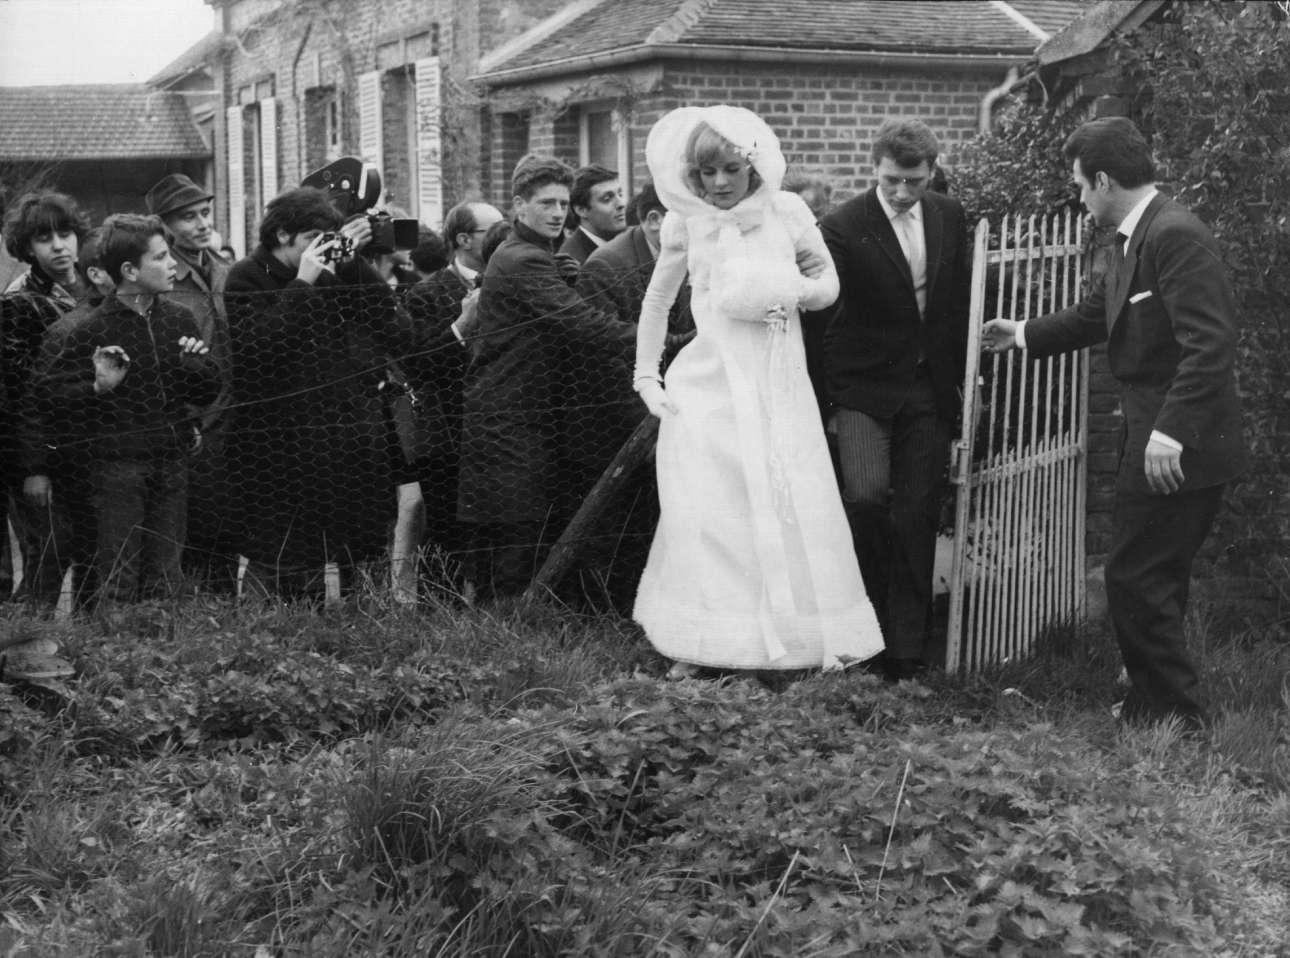 Απρίλιος 1965. Ο Χαλιντέι και η τραγουδίστρια Σιλβί Βαρτάν παντρεύονται στο χωριό Λοκονβίλ και μόλις που καταφέρνουν να γλιτώσουν από τα πλήθη των θαυμαστών